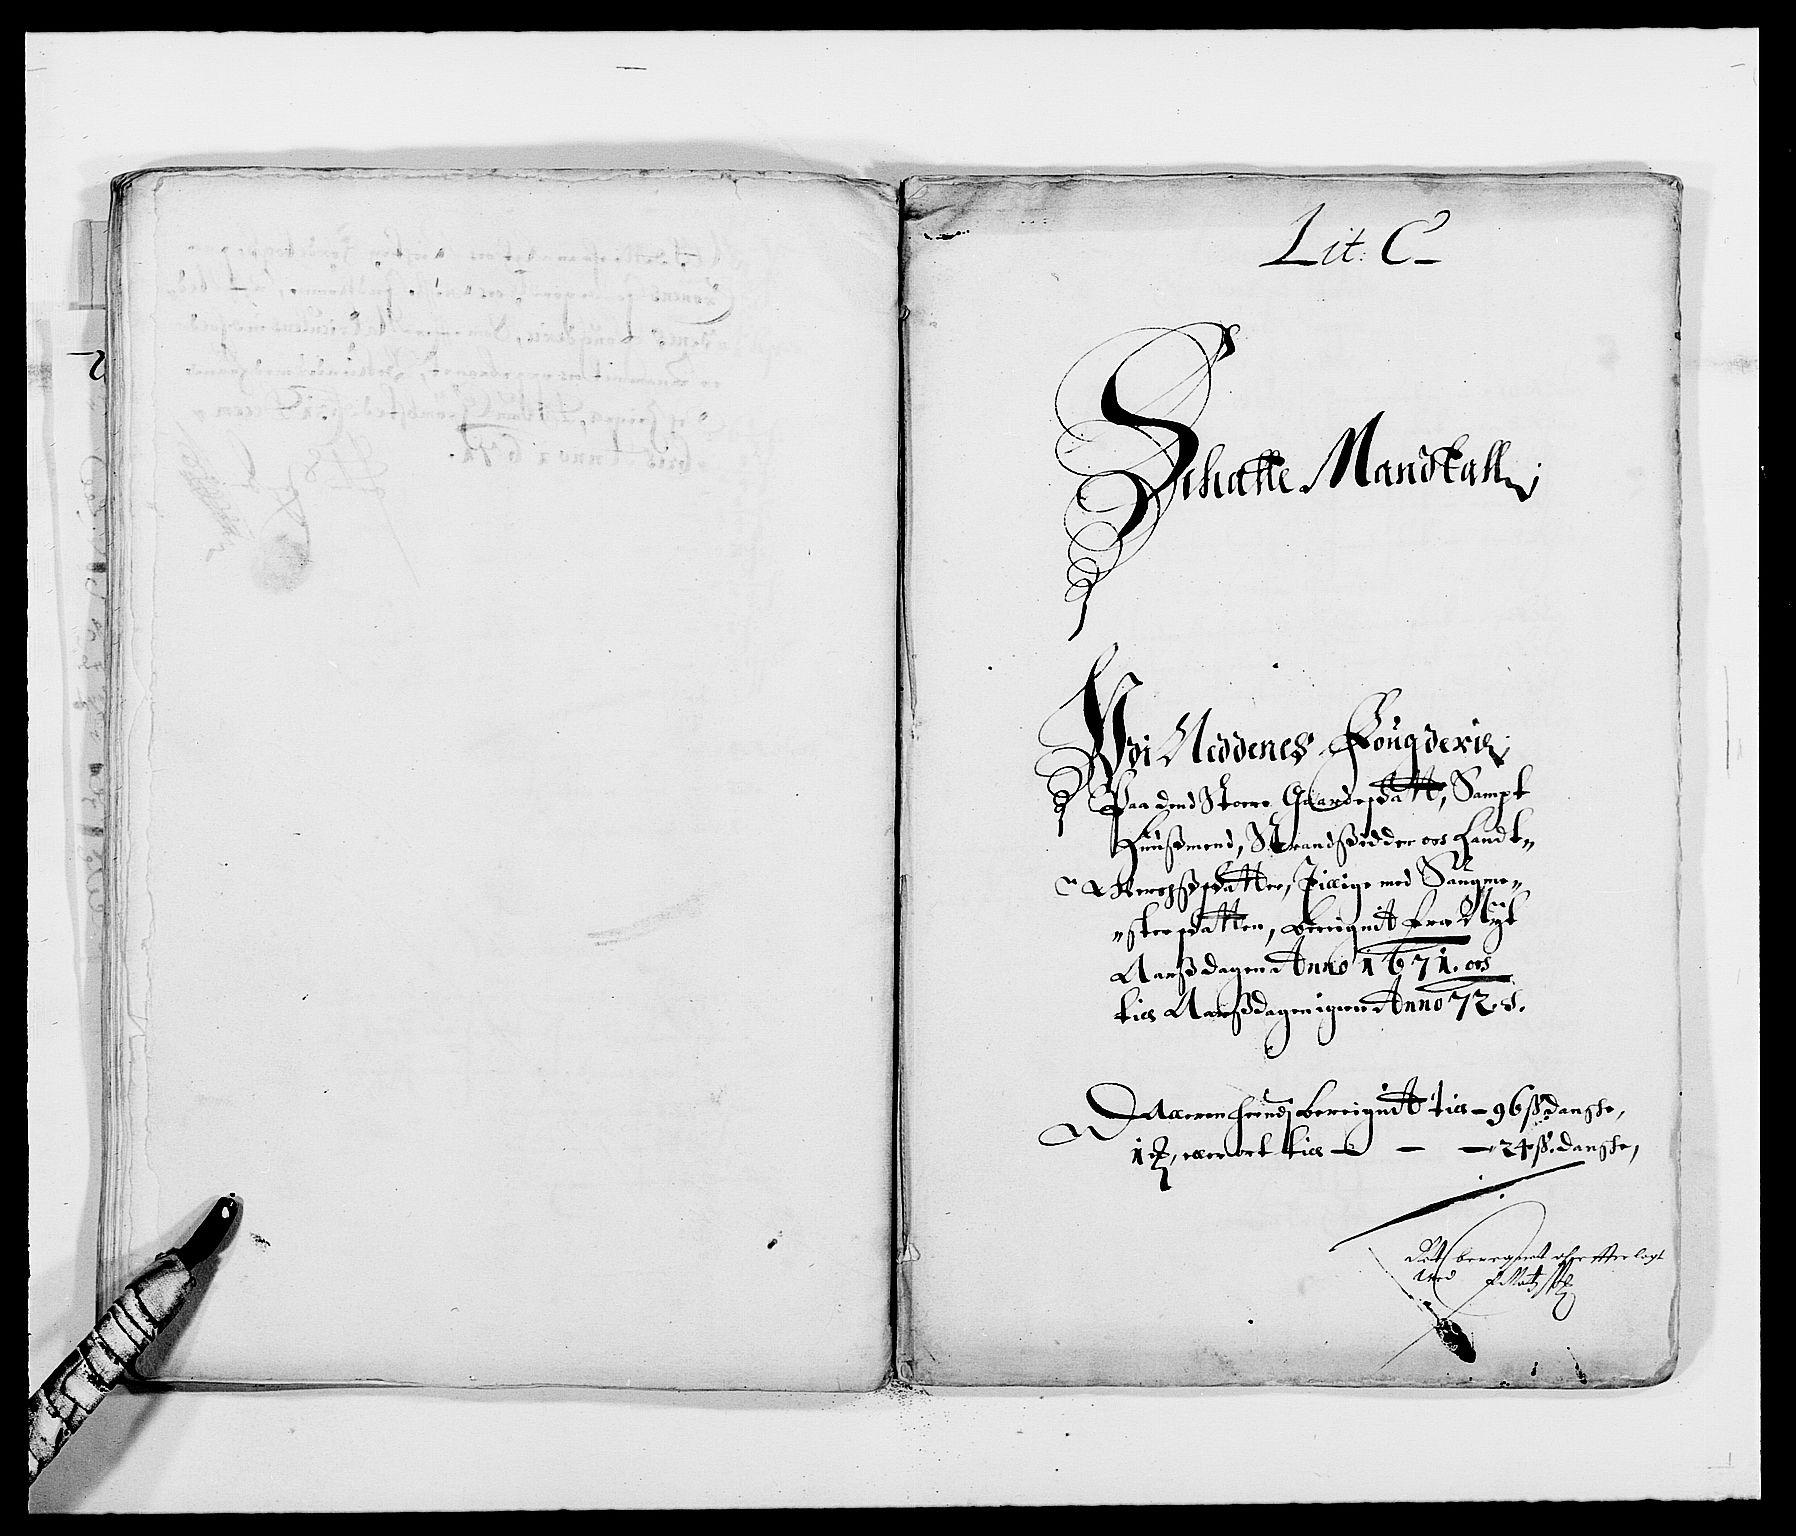 RA, Rentekammeret inntil 1814, Reviderte regnskaper, Fogderegnskap, R39/L2299: Fogderegnskap Nedenes, 1670-1671, s. 206